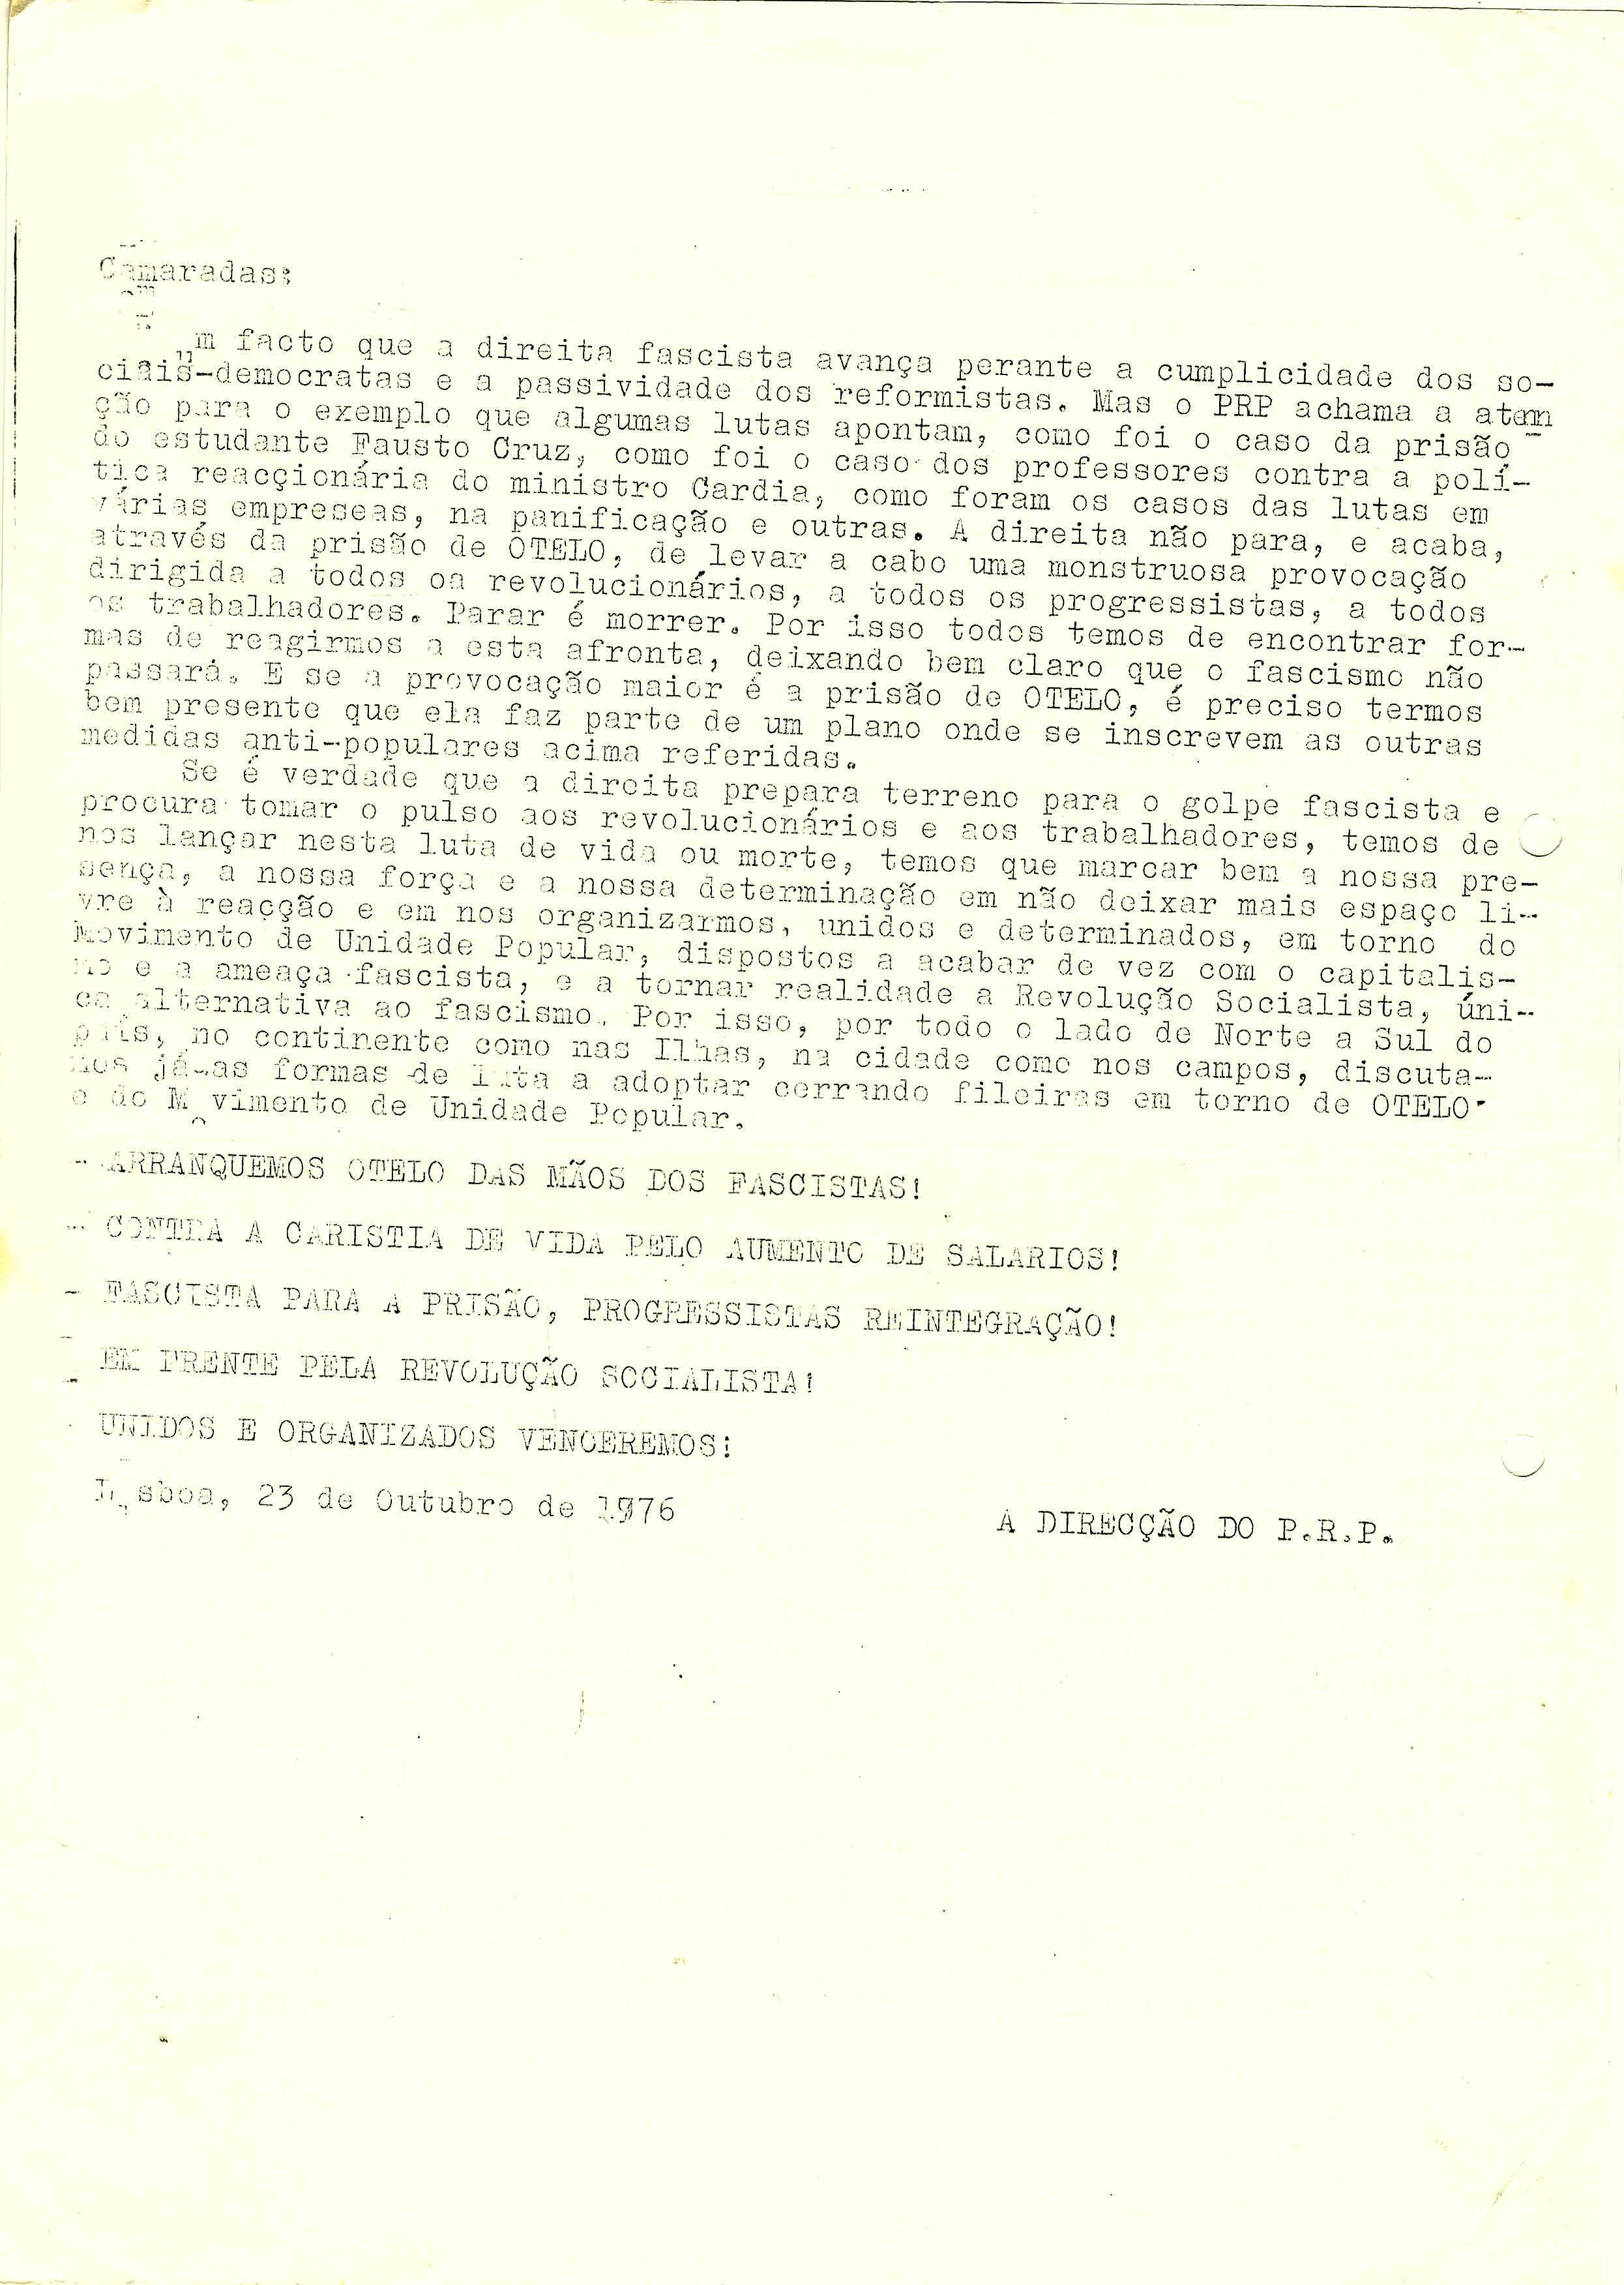 COMUNICADO ARRANQUEMOS OTELO DAS MÃOS DOS FASCISTAS – PRP 23-10-76 2